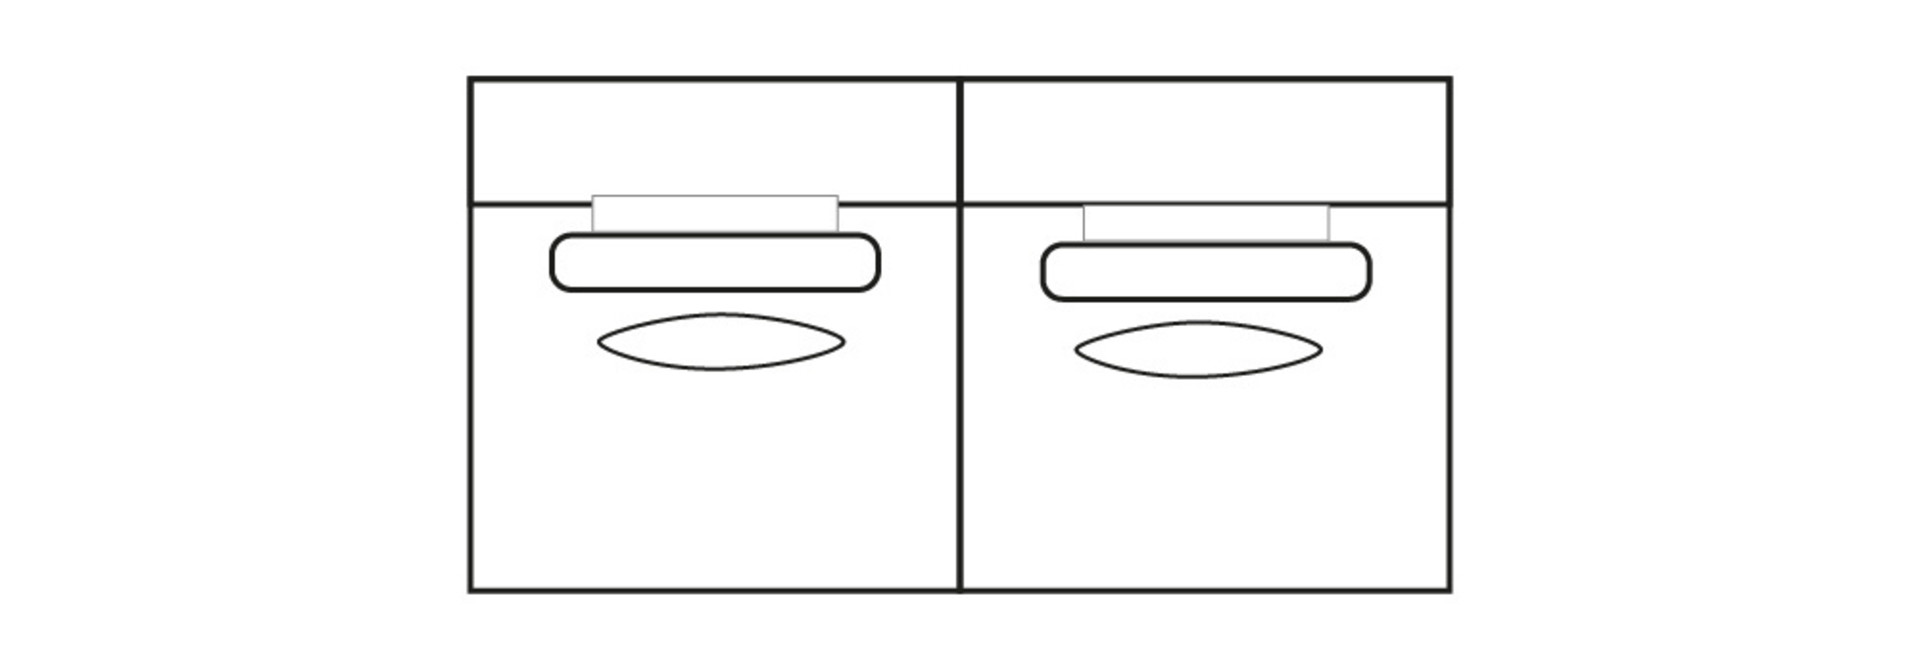 ELEGANT PARK 2,5-zits L (zonder armen)